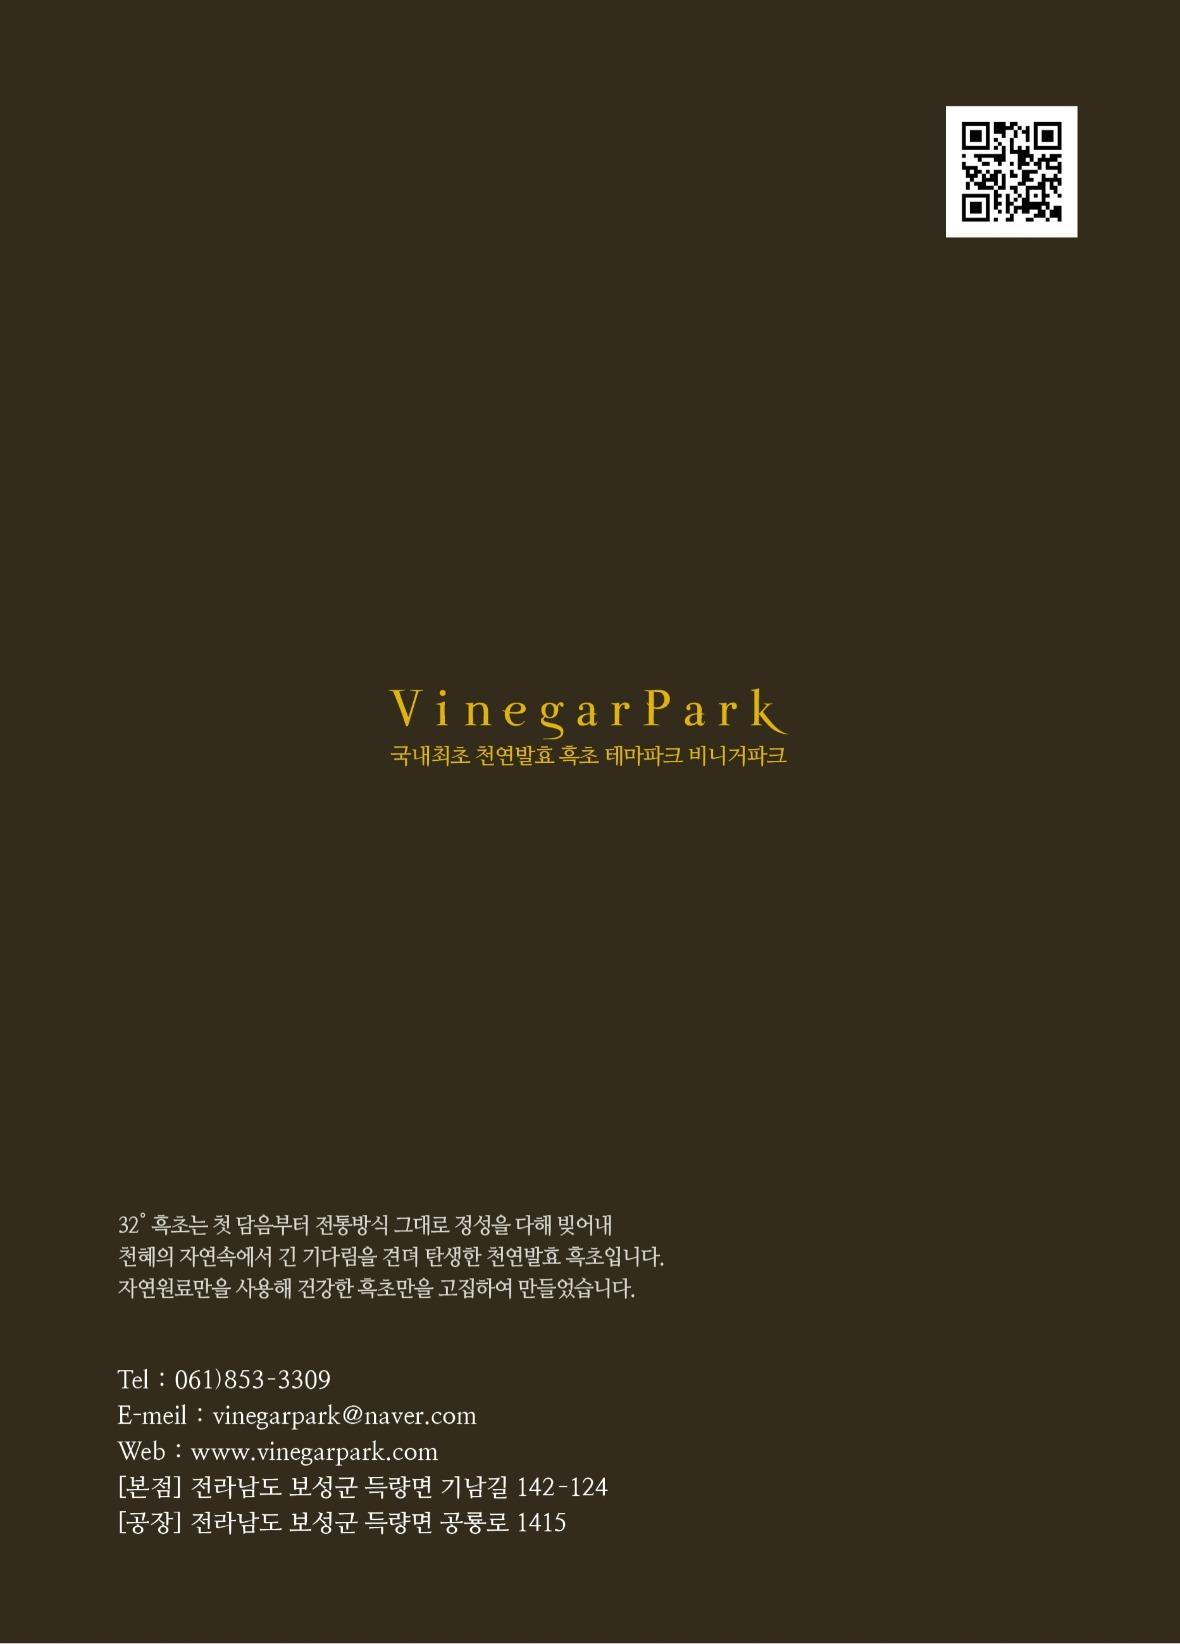 비니거파크 소개 브로셔.pdf_page_8.jpg